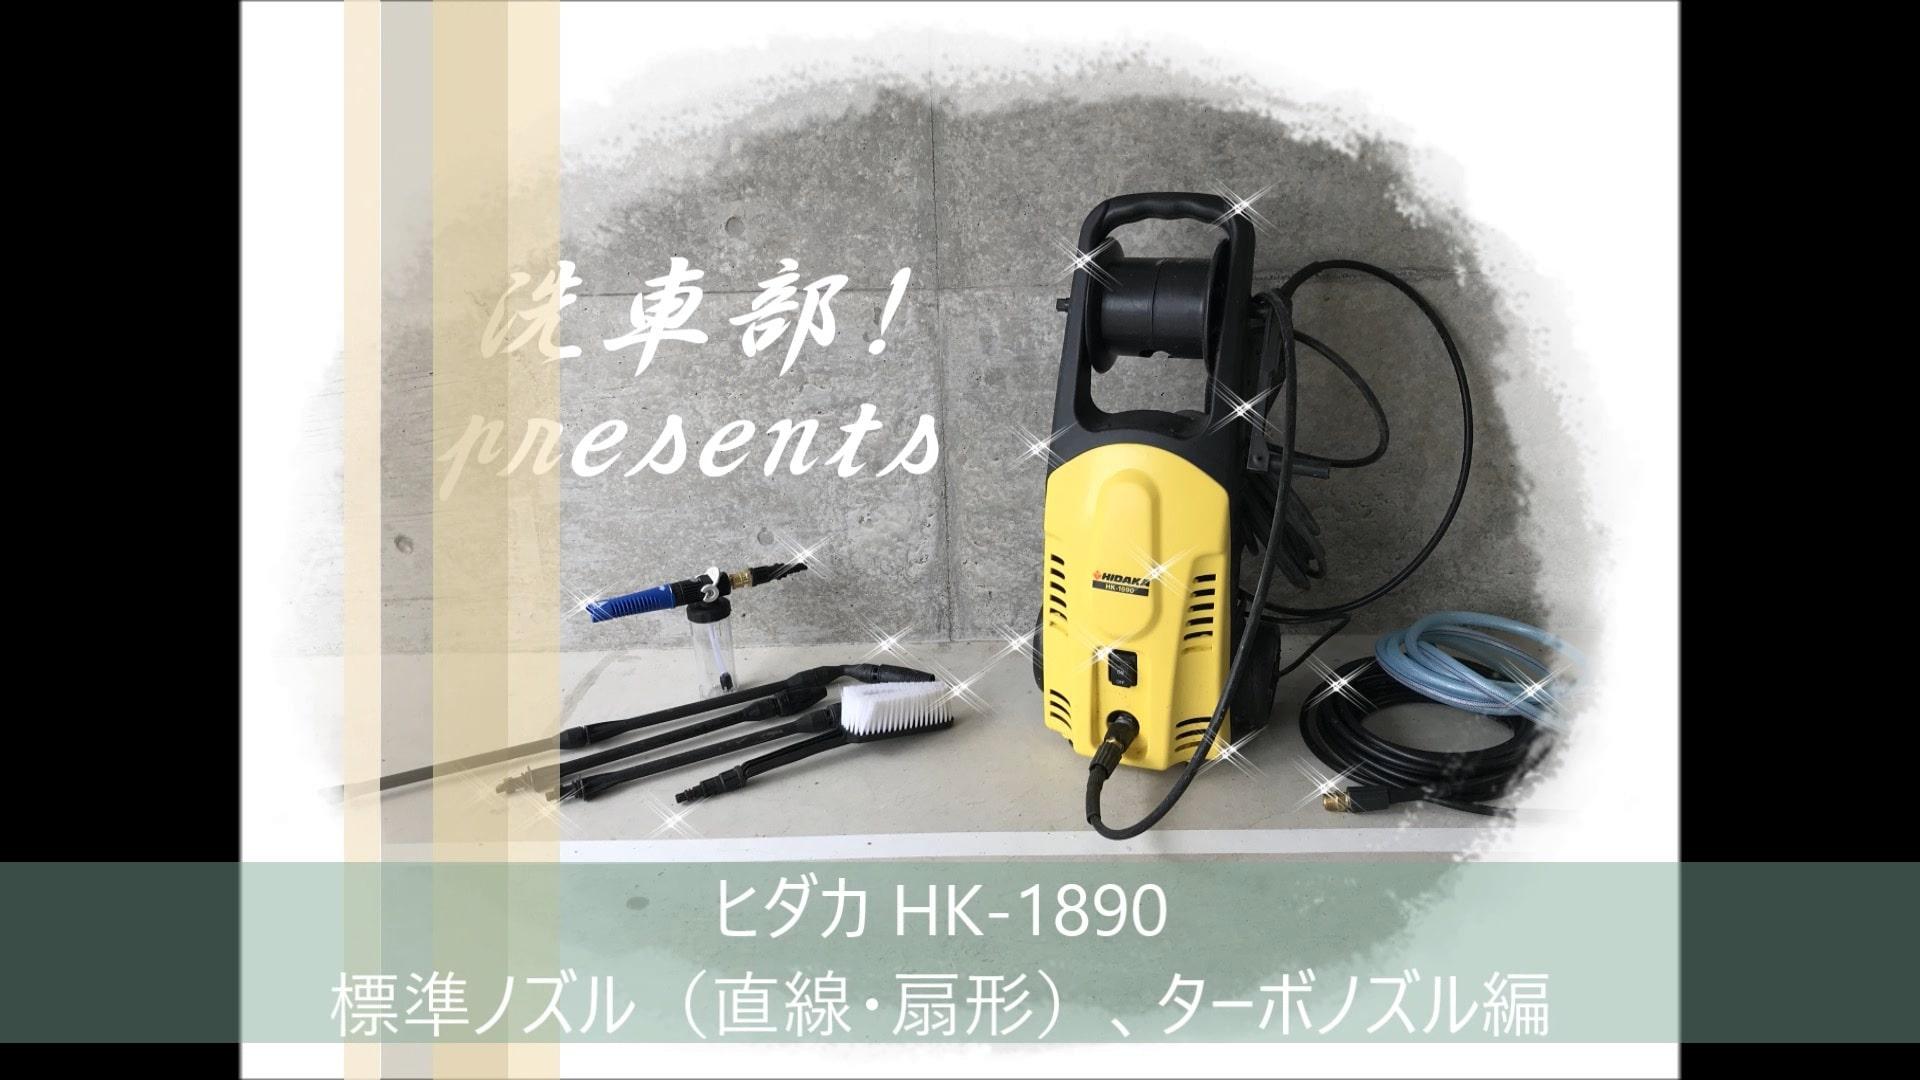 ヒダカHK-1890 標準ノズル(直線・扇形)、ターボノズル編